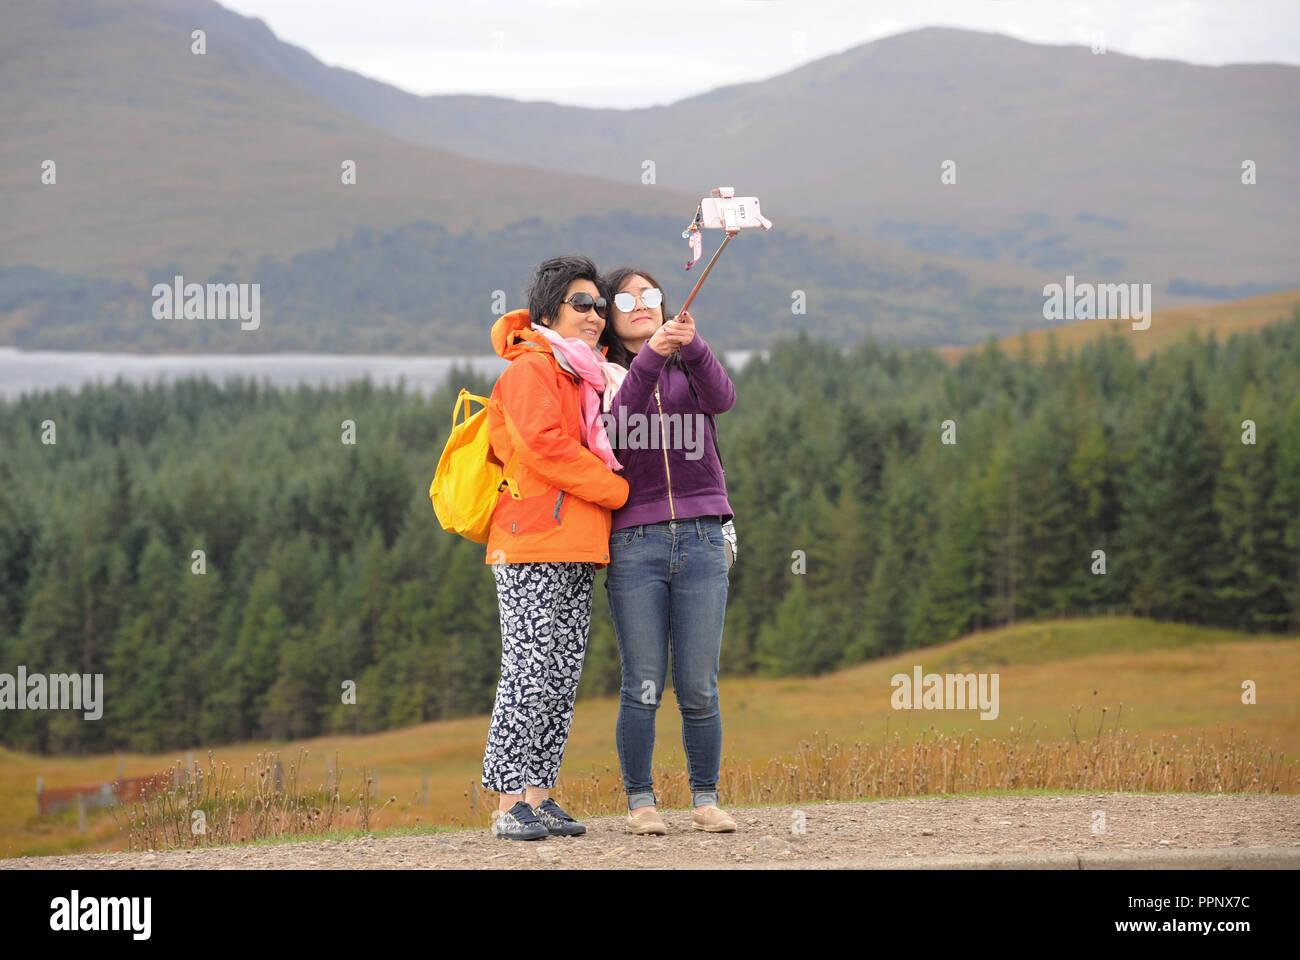 Les touristes japonais EN PRENANT DES PHOTOGRAPHIES SELFIES DANS LES HIGHLANDS ÉCOSSAIS RE TOURISME AUTOCAR DE TOURISME VACANCES TOURS VUE PANORAMIQUE VUE UK Photo Stock